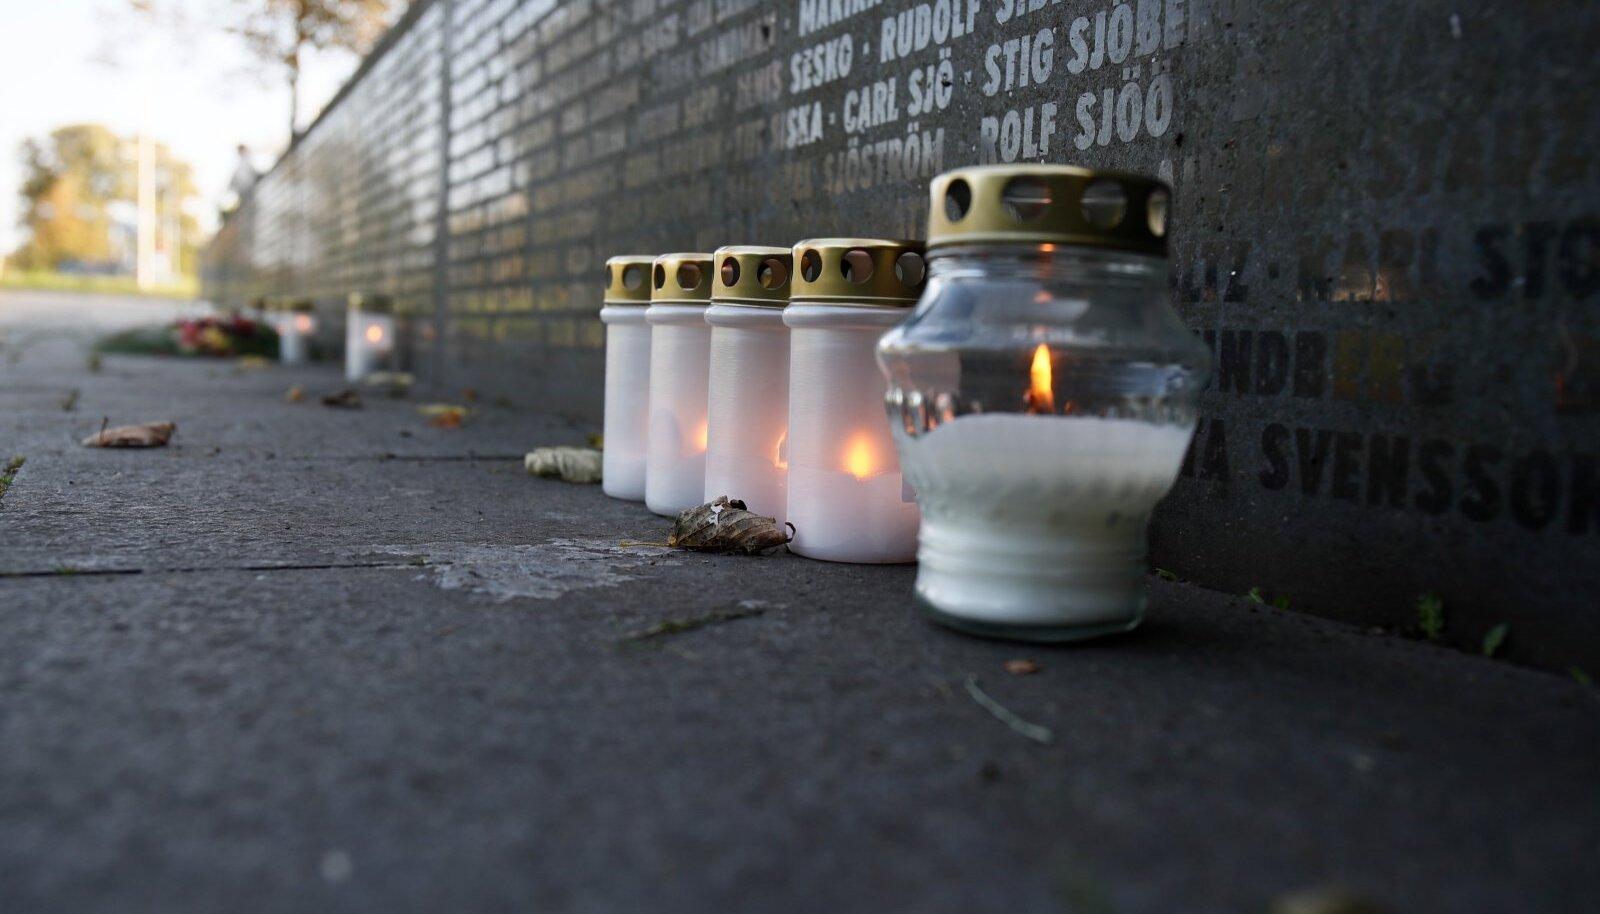 Küünlad parvlaev Estonia mälestusmärgi juures